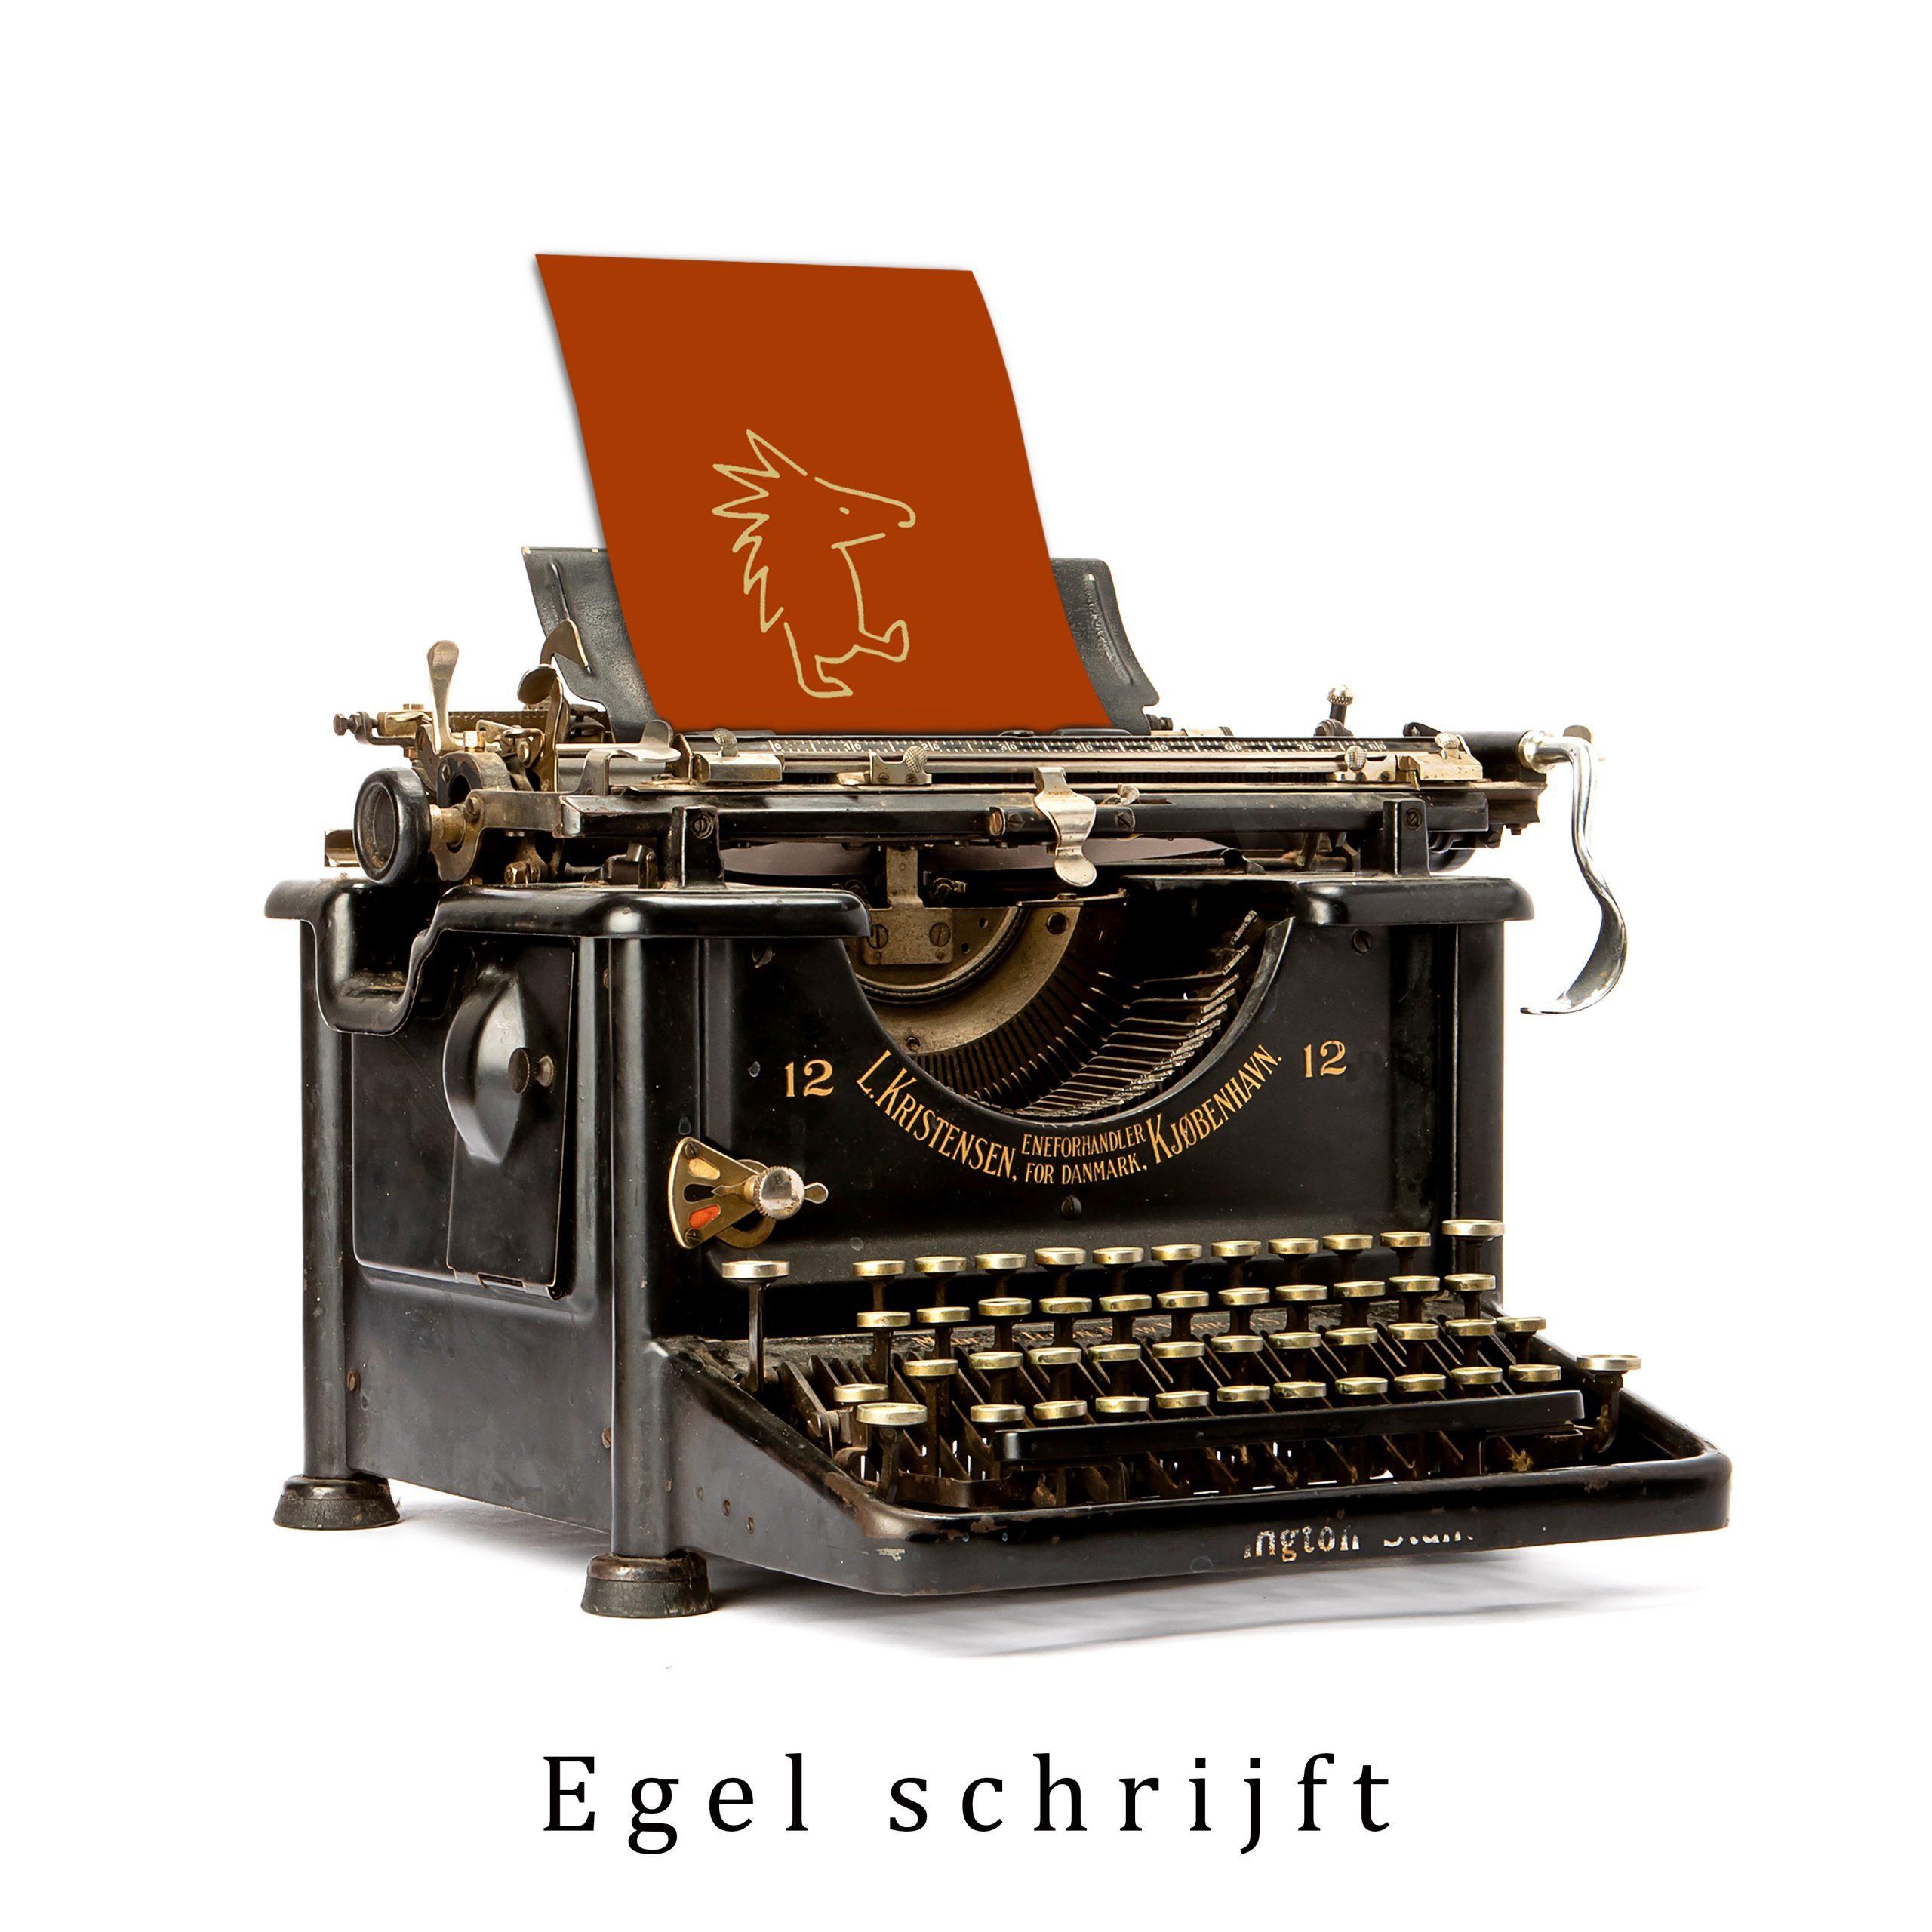 Egel schrijft